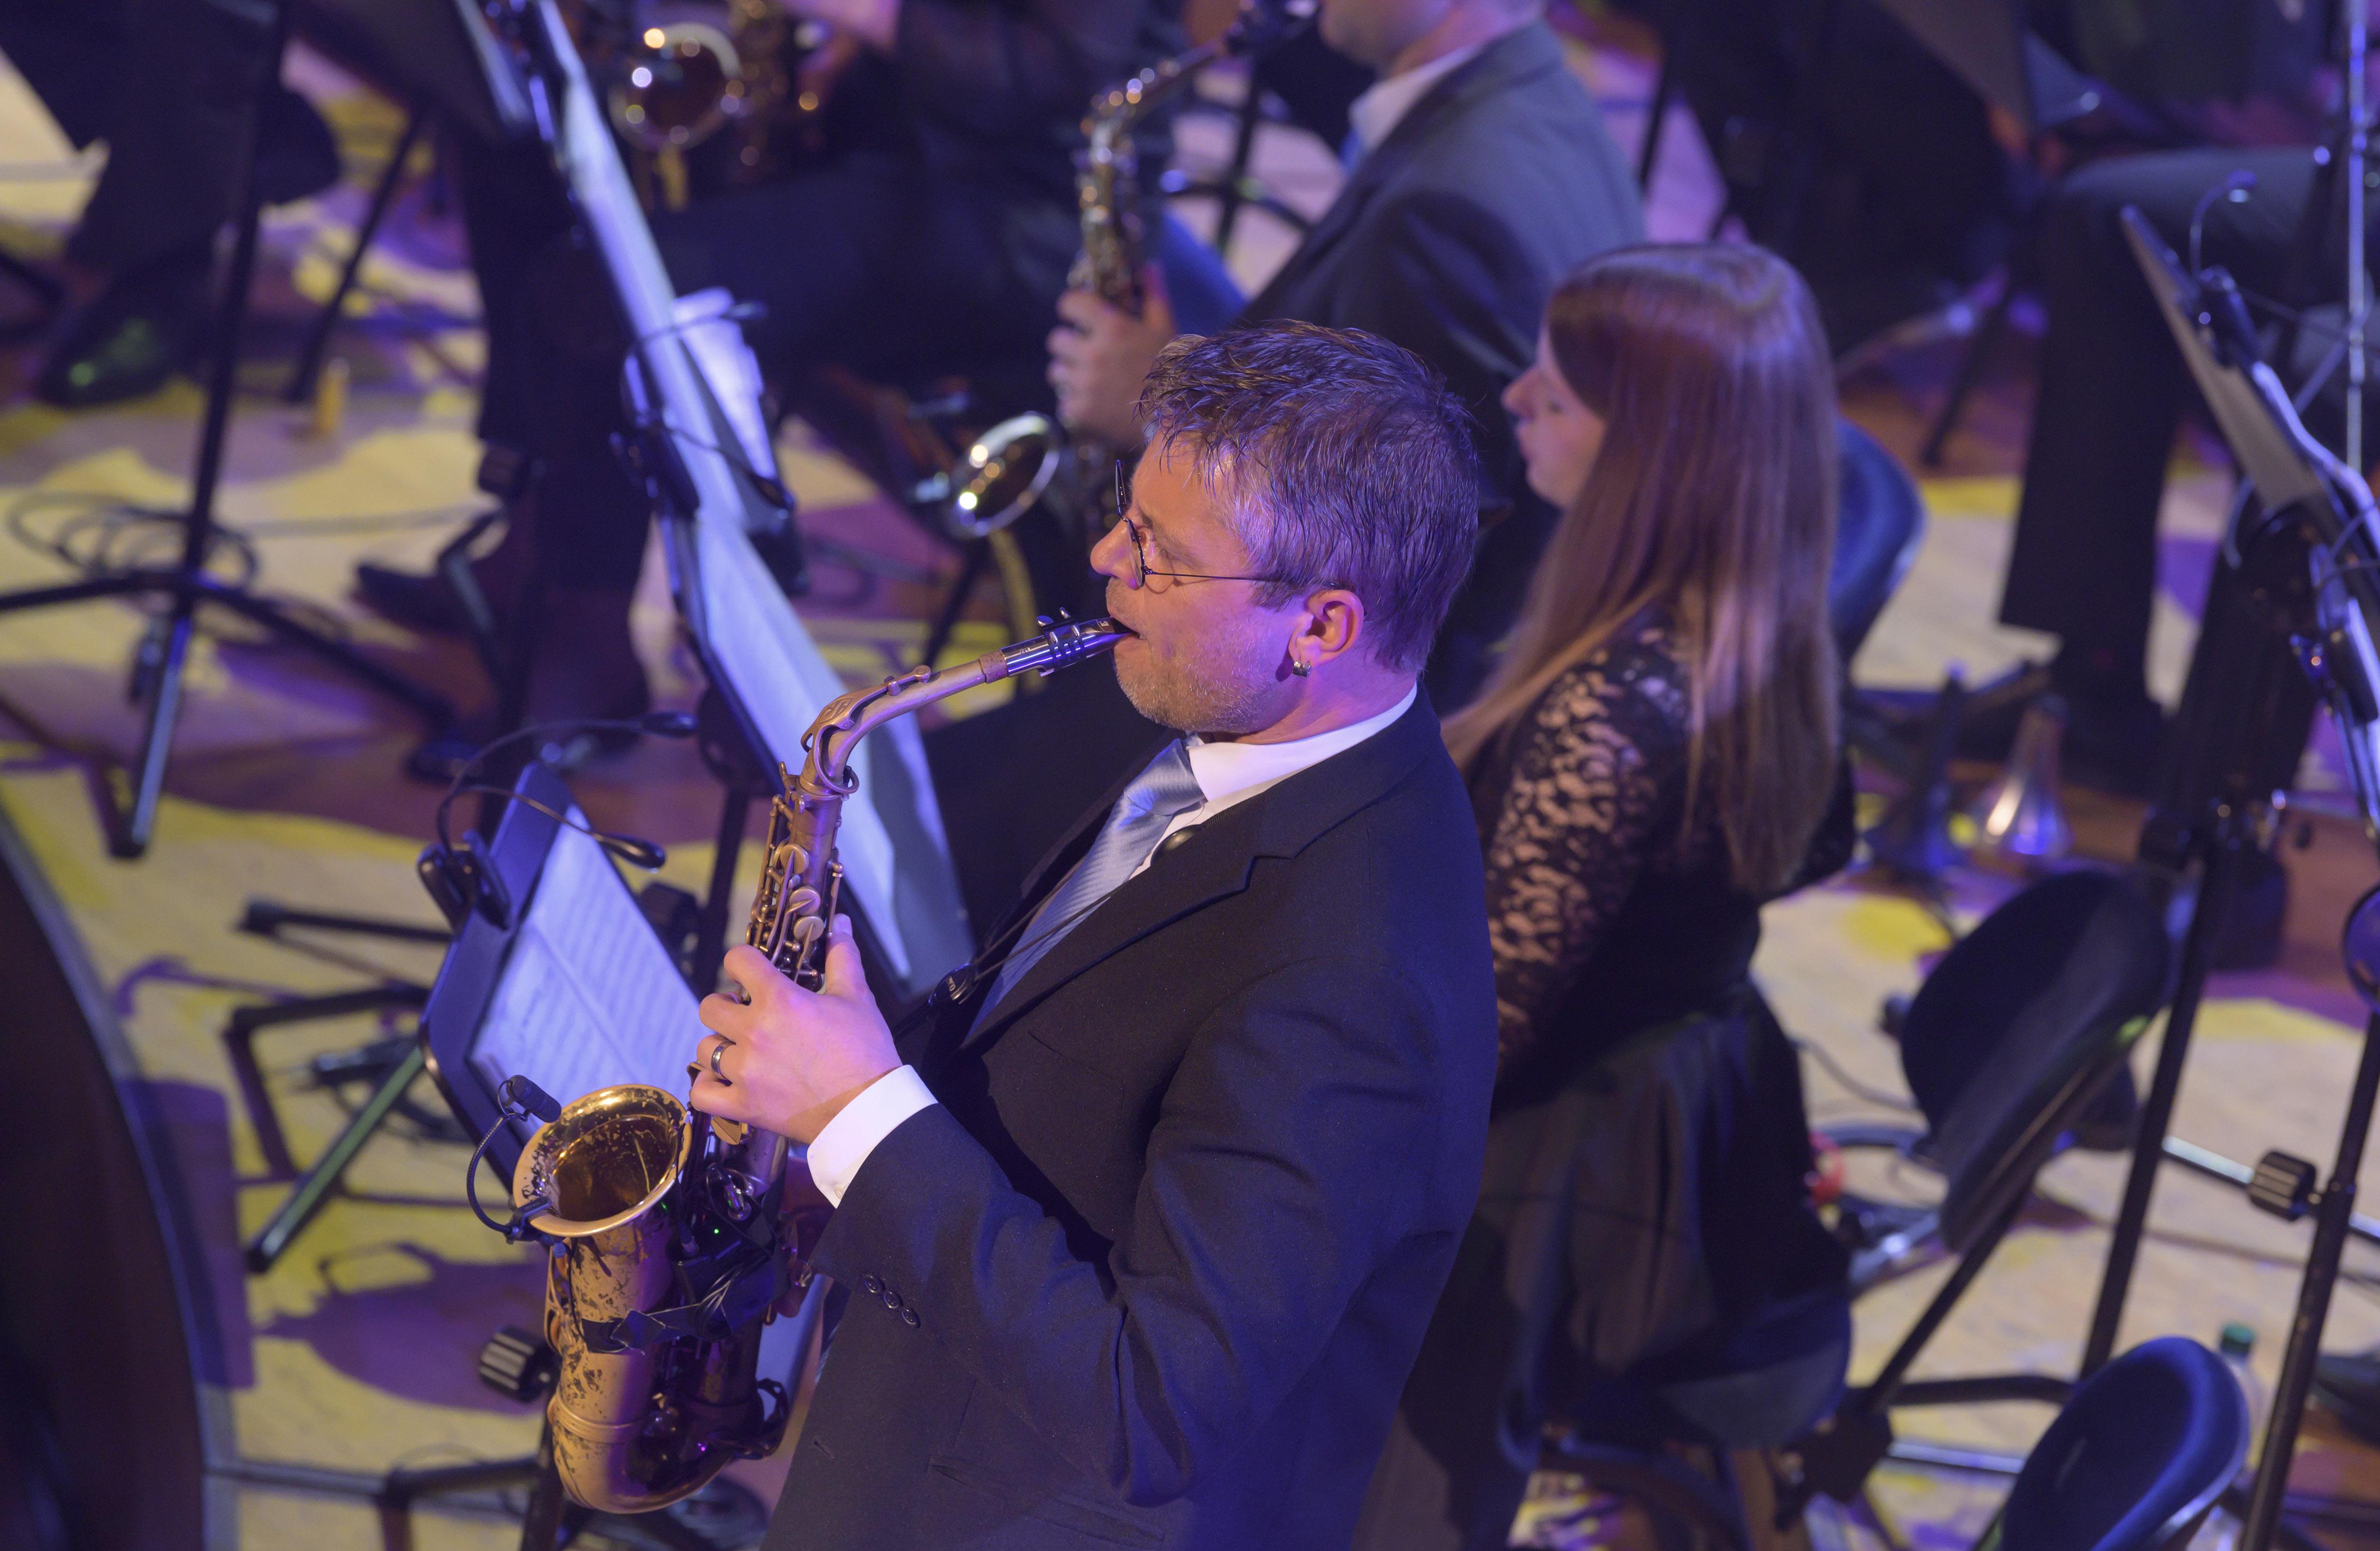 Lucerne Concert Band, Galakonzert 2019Luzern, den 03.05.2019Copyright: Lucerne Concert Band / Priska Ketterer